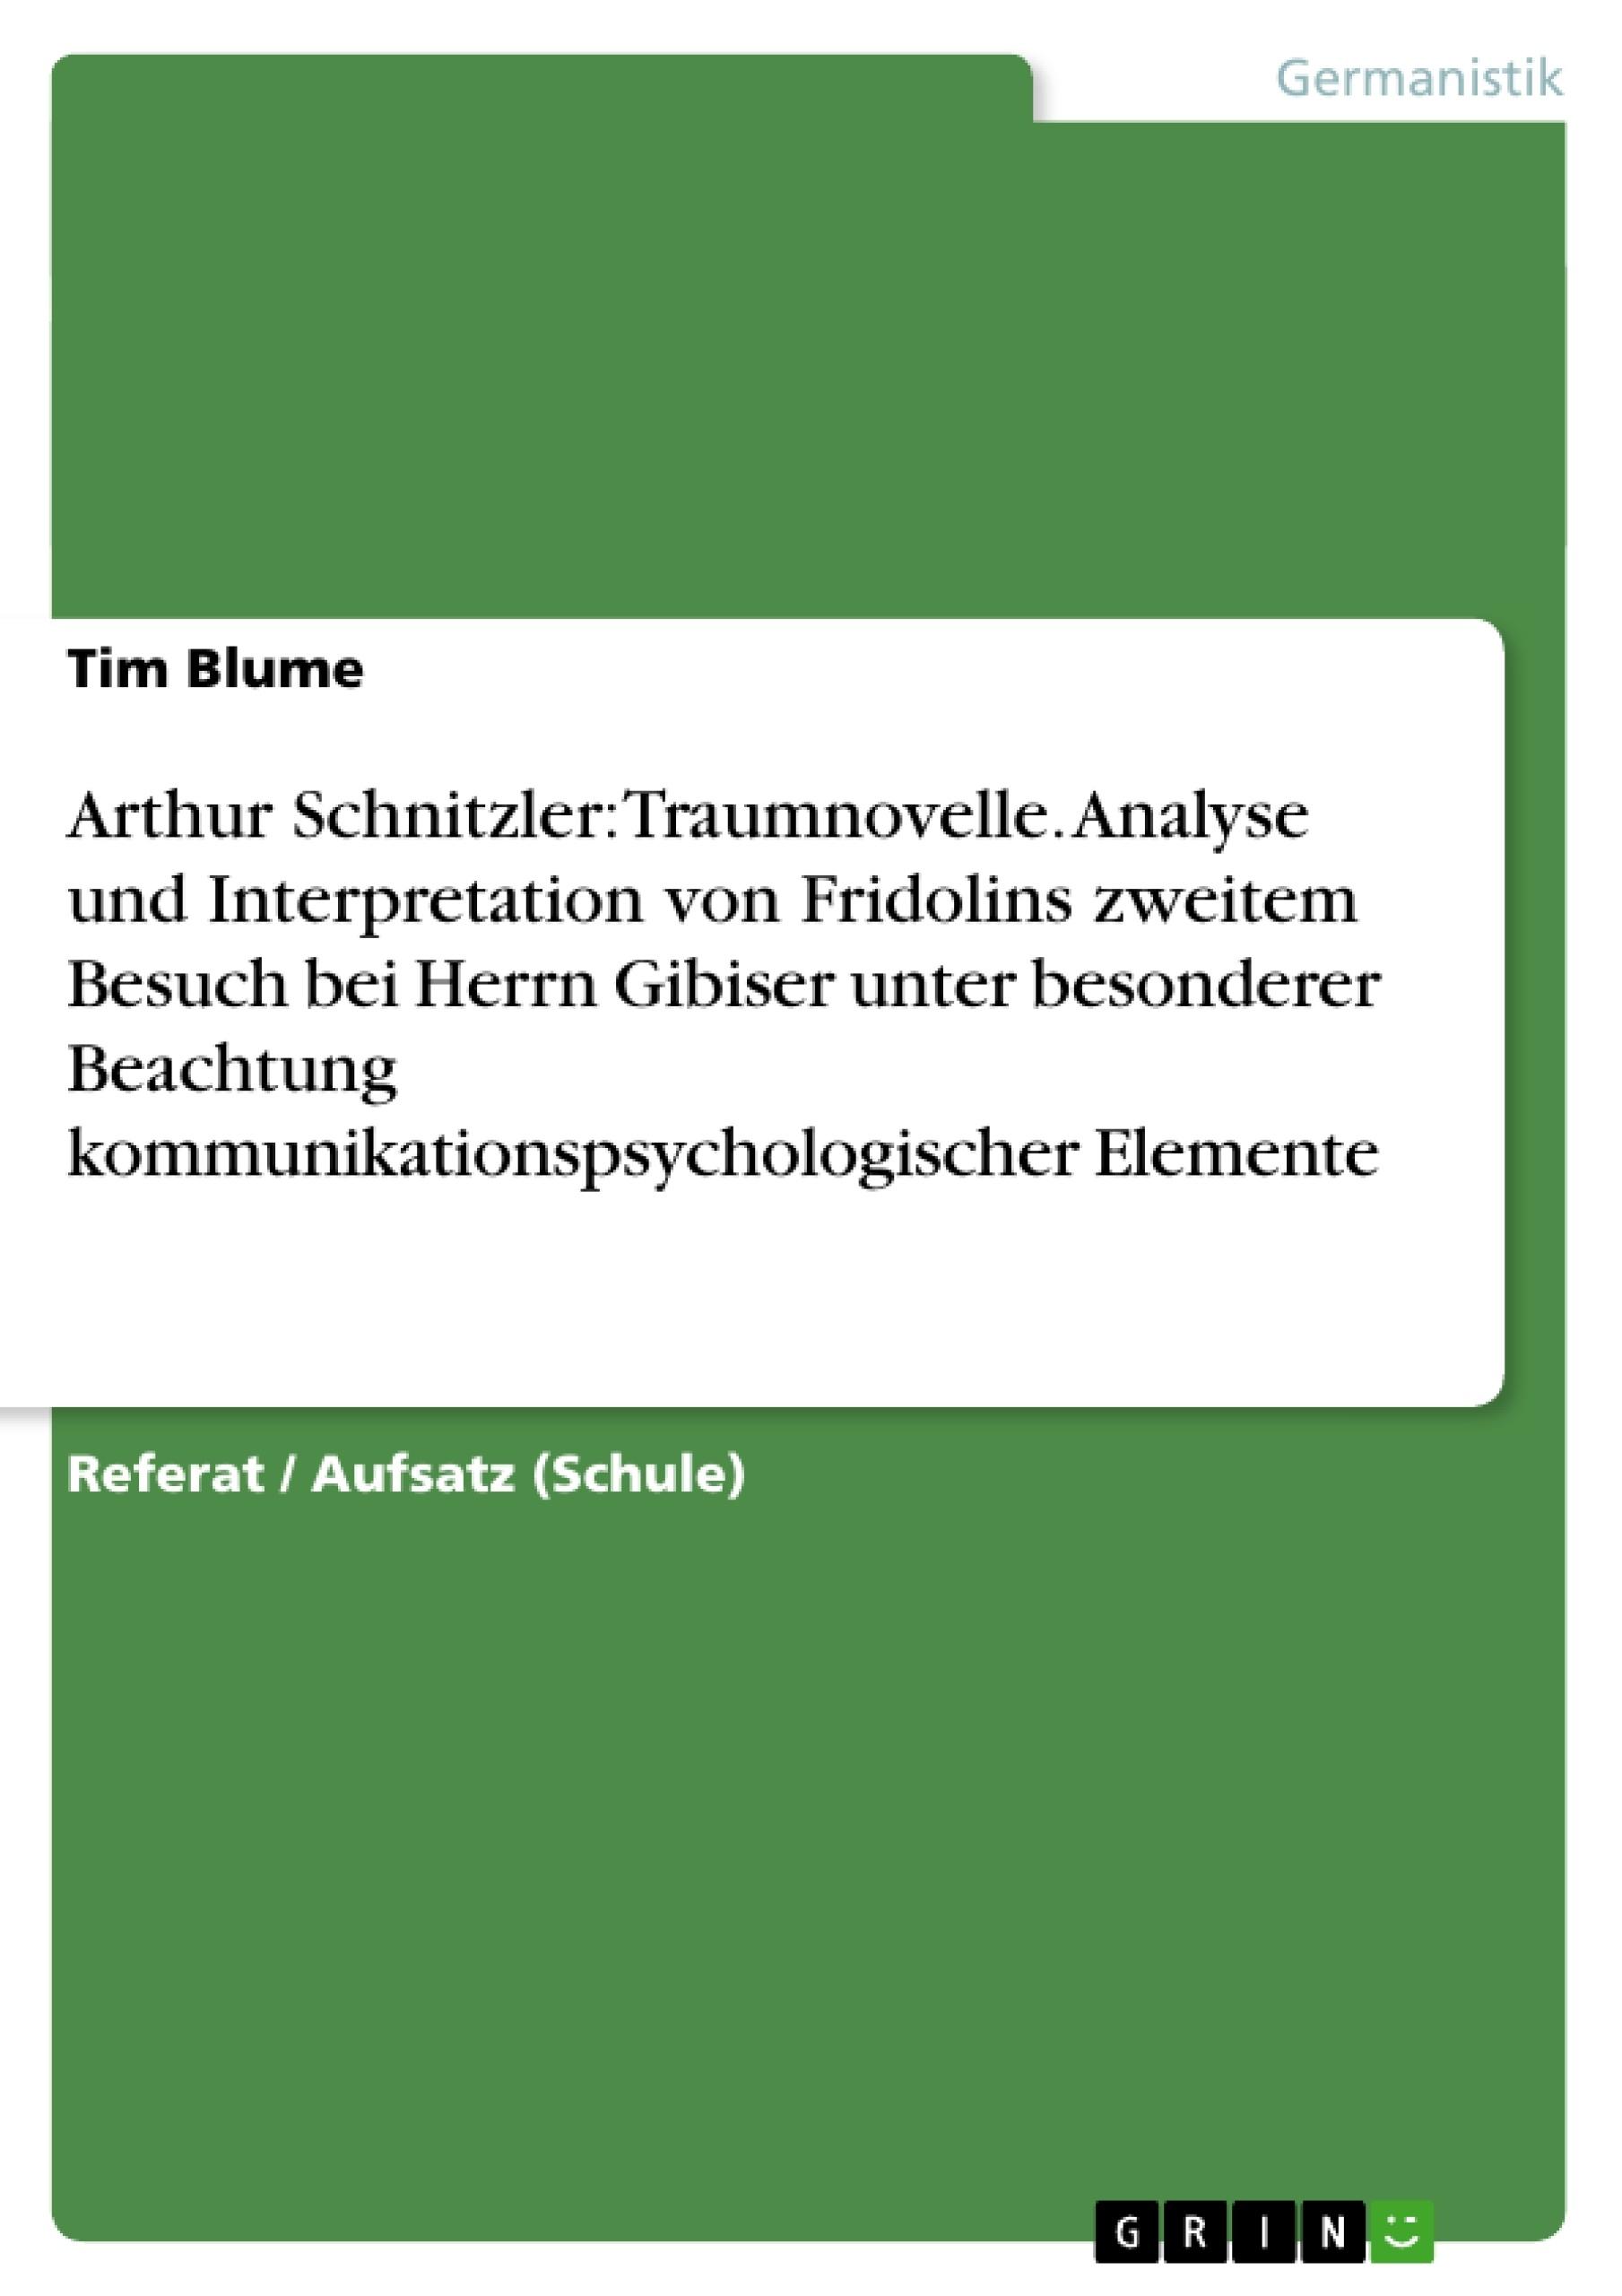 Titel: Arthur Schnitzler: Traumnovelle. Analyse und Interpretation von Fridolins zweitem Besuch bei Herrn Gibiser unter besonderer Beachtung kommunikationspsychologischer Elemente